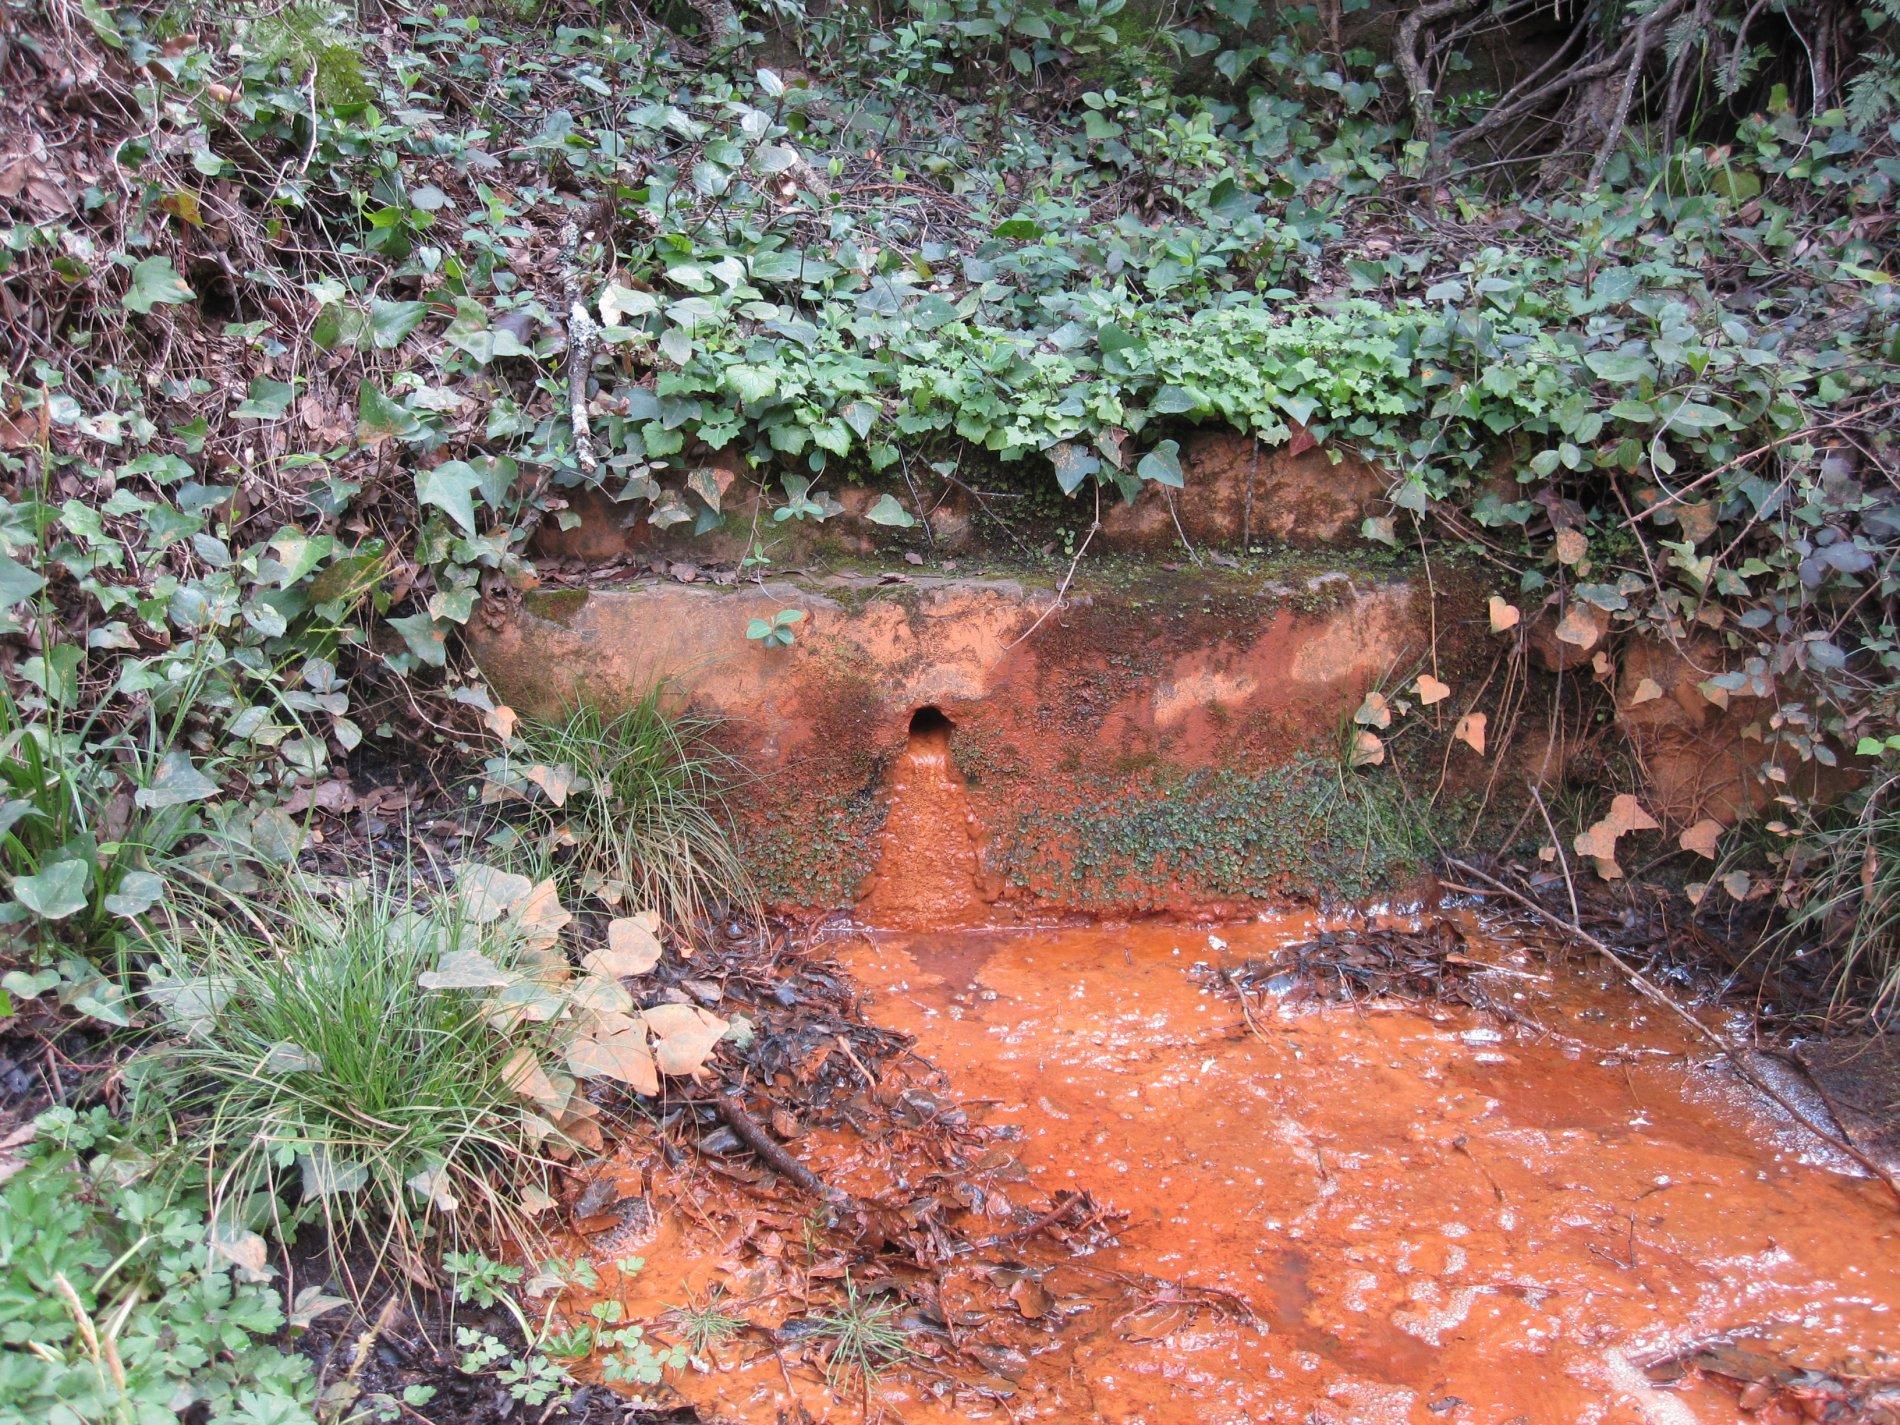 En el camí del Jonquet anant de Fonteta a Fitor, trobem la Font d'en Plaja. És una font ferrosa com ho denota tot el precipitat en tons vermells i taronges que tenyeix tot el camí que fa l'aigua. El bassal de davant del broc es veu tot completament de color taronja.